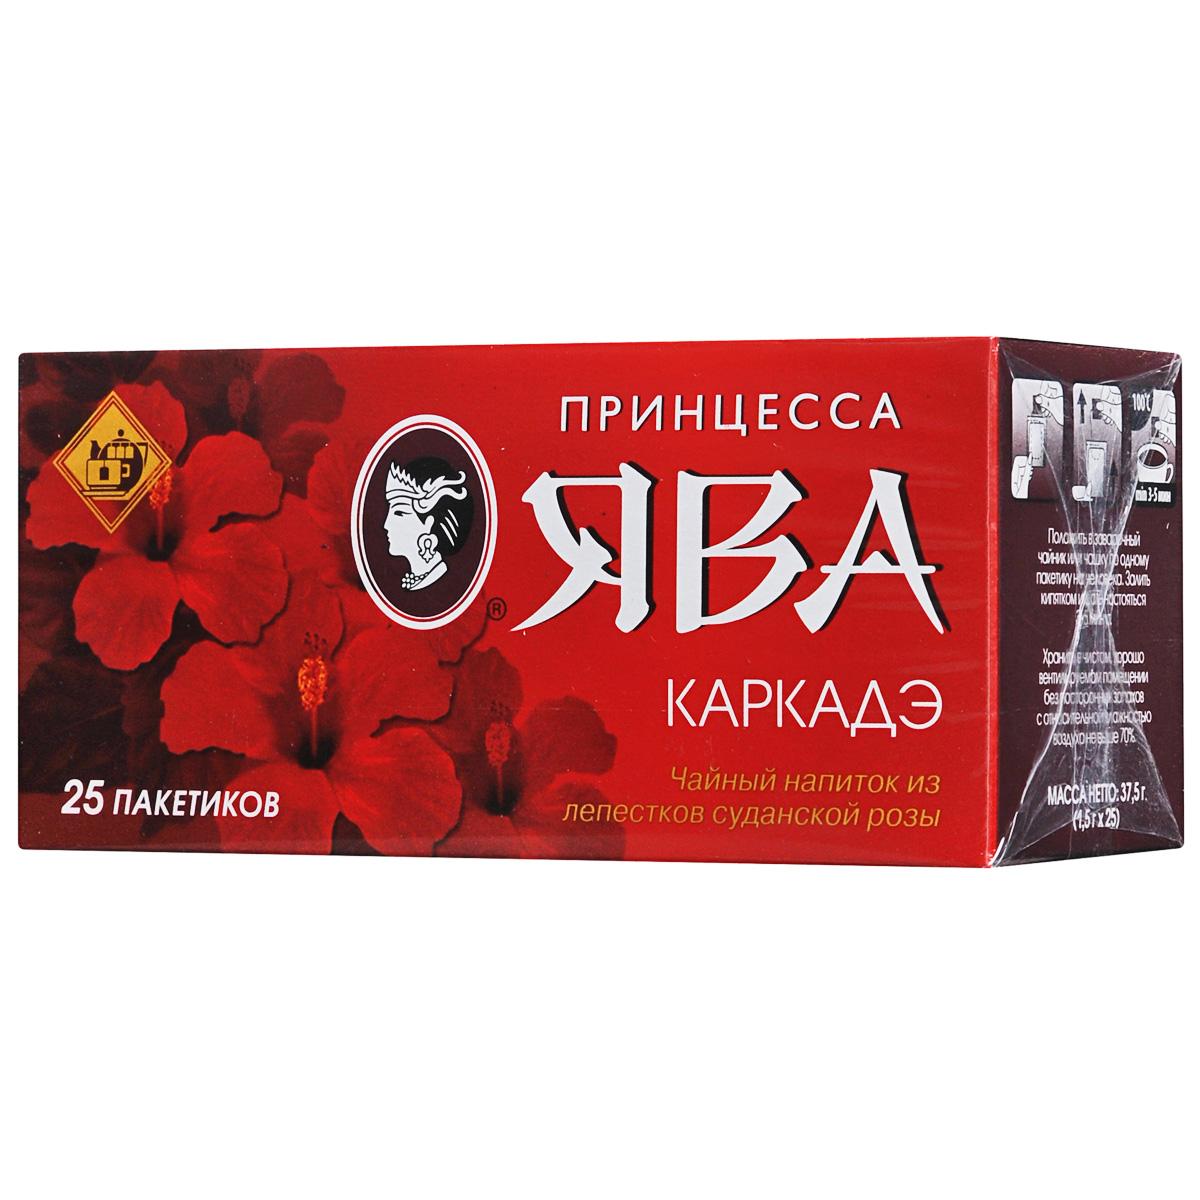 Принцесса Ява Каркадэ цветочный чай в пакетиках, 25 шт чай цветочный